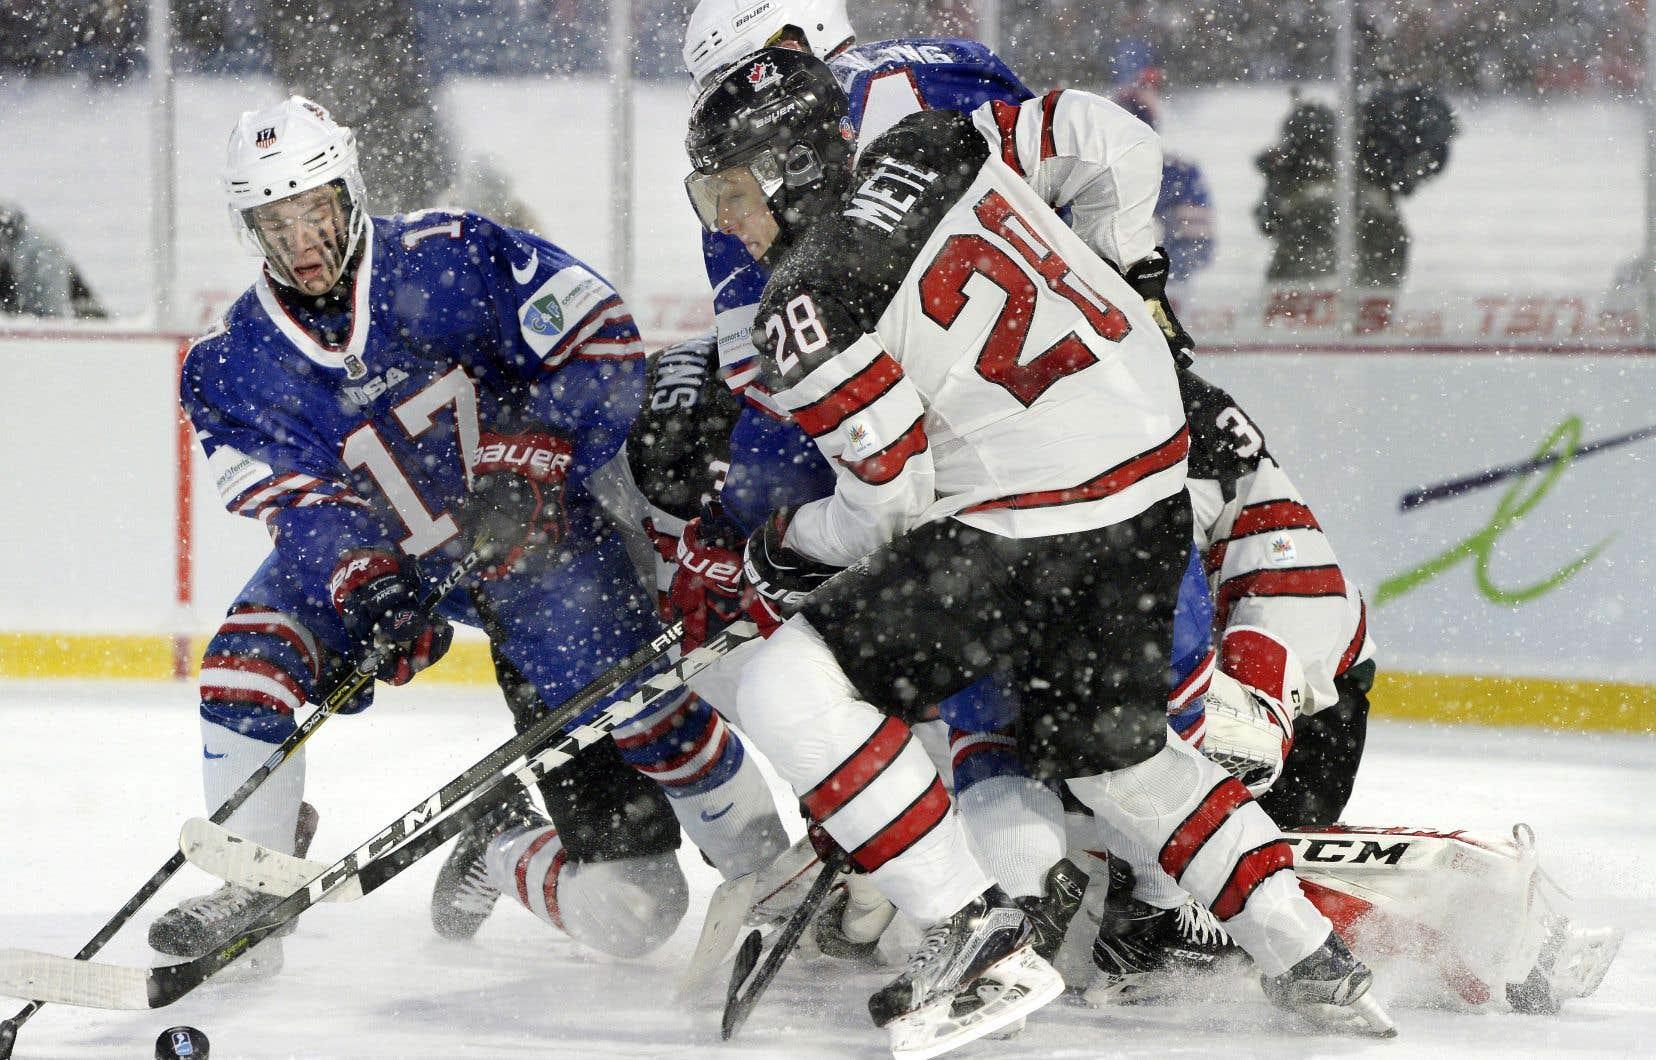 Sous la neige qui tombait sur ce match en plein air — le premier de l'histoire du Championnat —, les joueurs états-unien Kailer Yamamoto (17) et canadien Victor Mete (28) bagarraient dur lors de la seconde période.